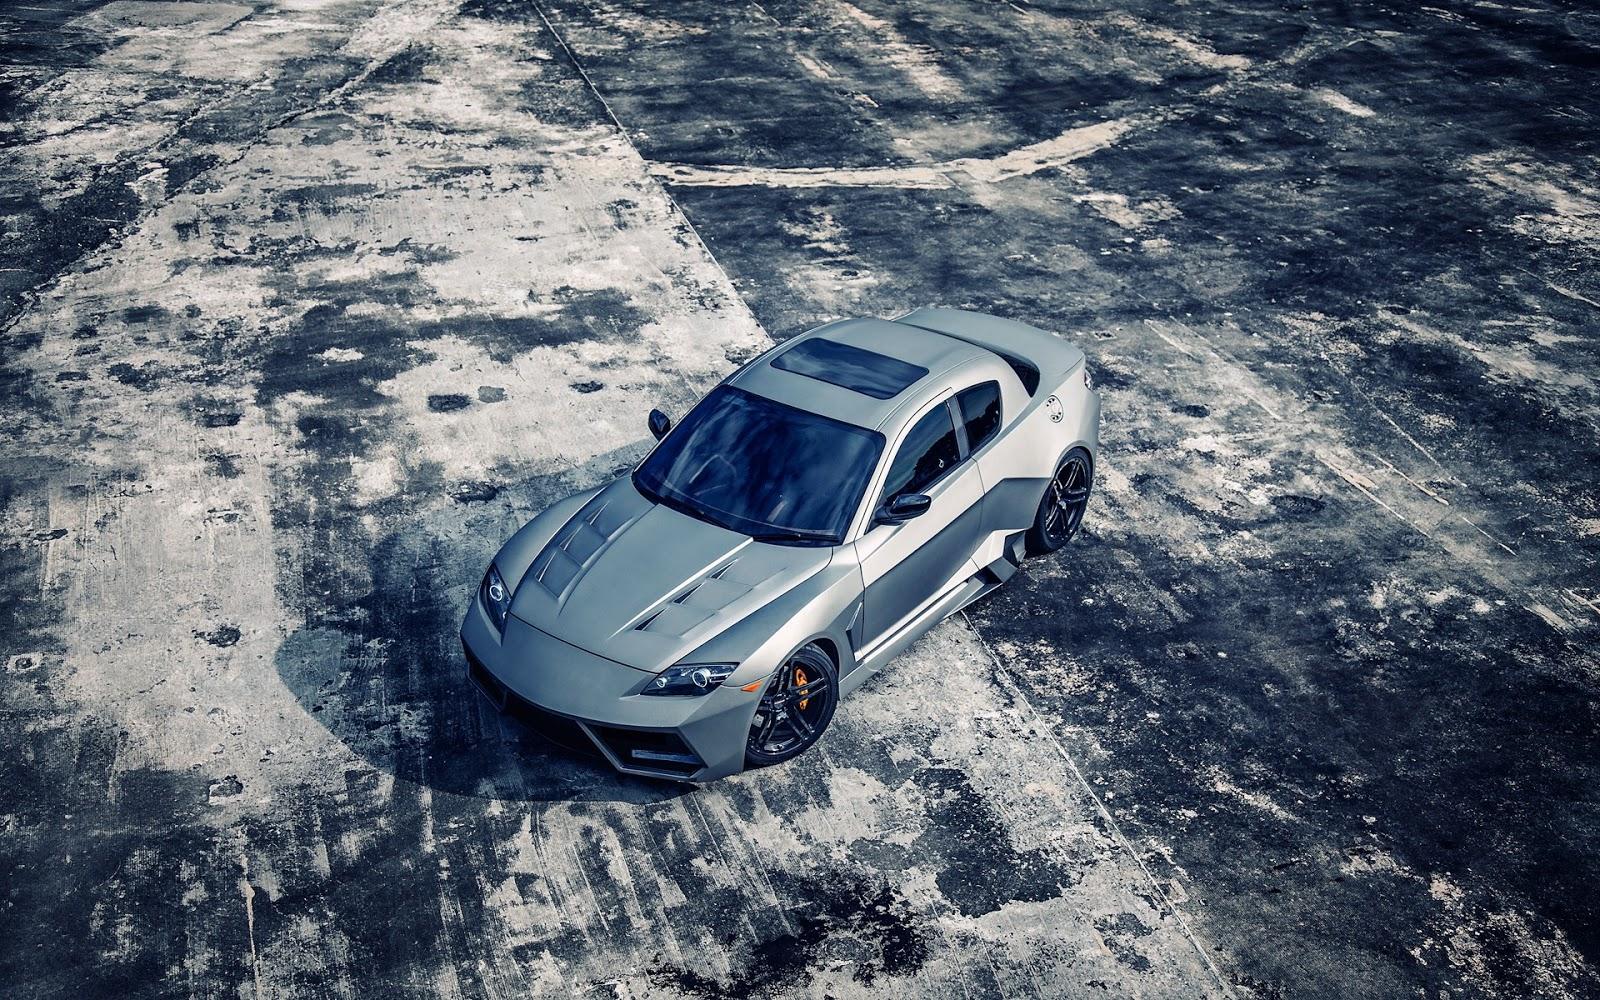 Imagenes De Autos En Hd Para Fondo De Escritorio: Mazda Rx8 Knight Sports